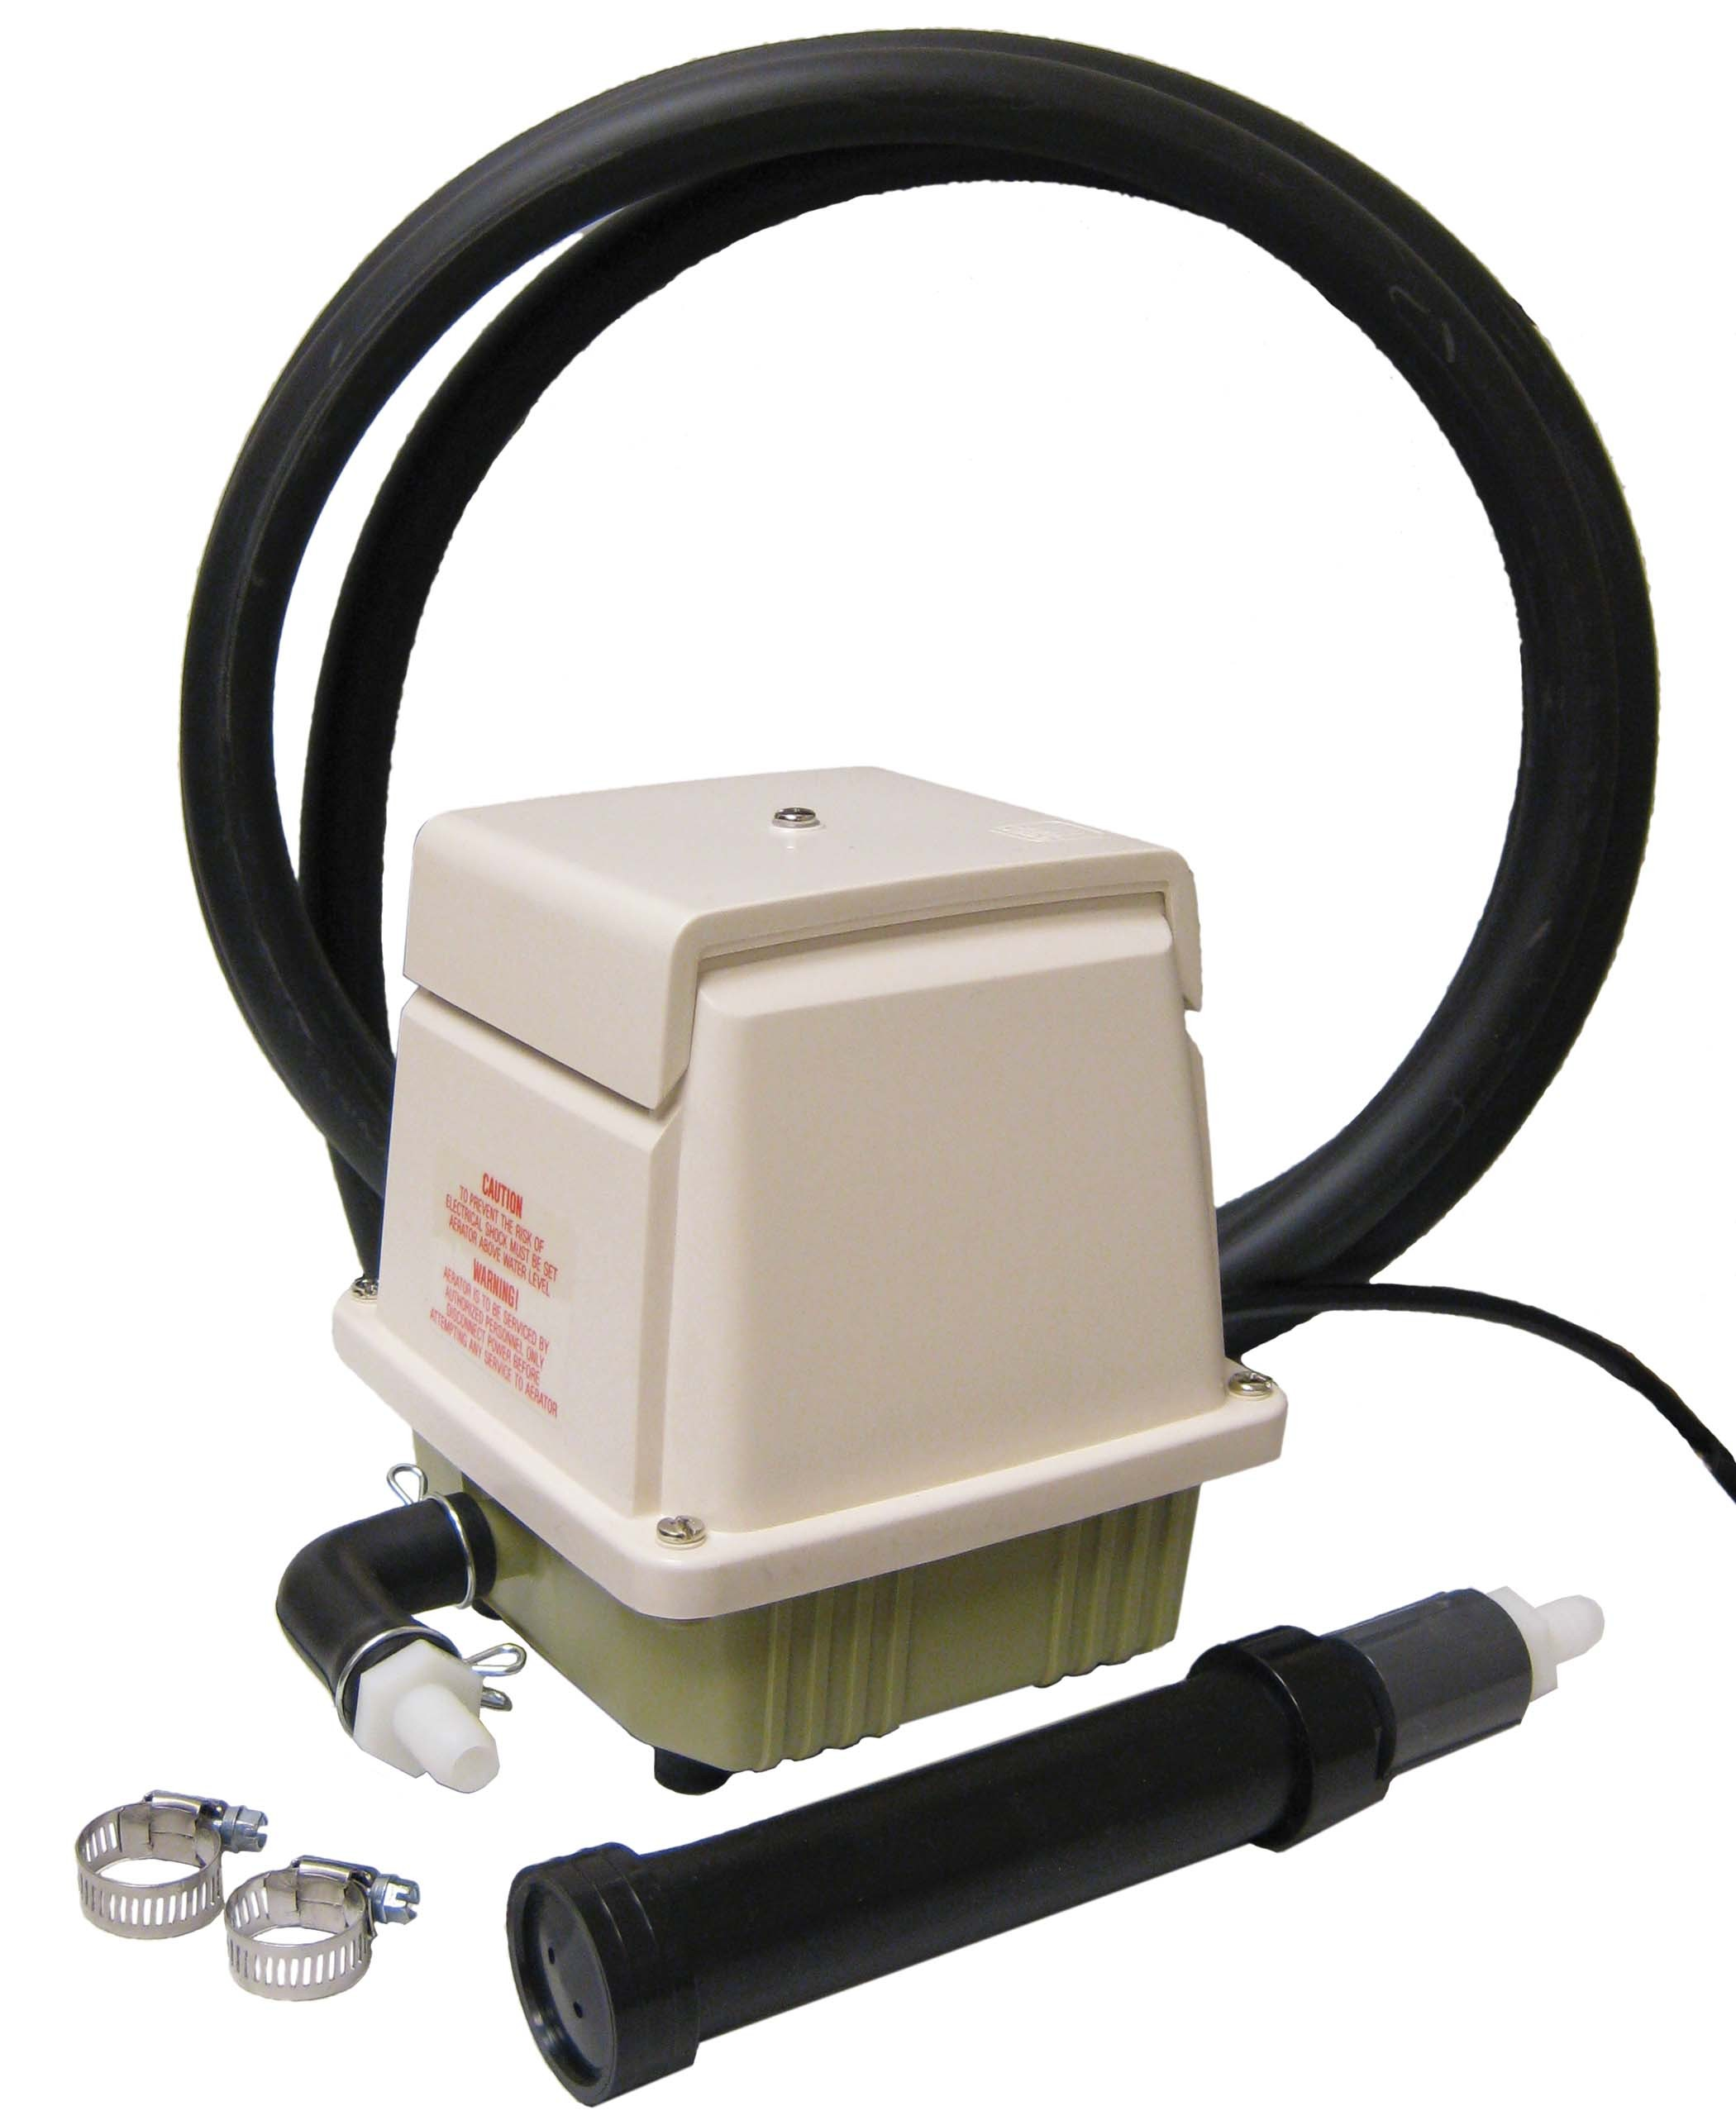 25 Watt LA5W Deluxe Linear Aeration Kit